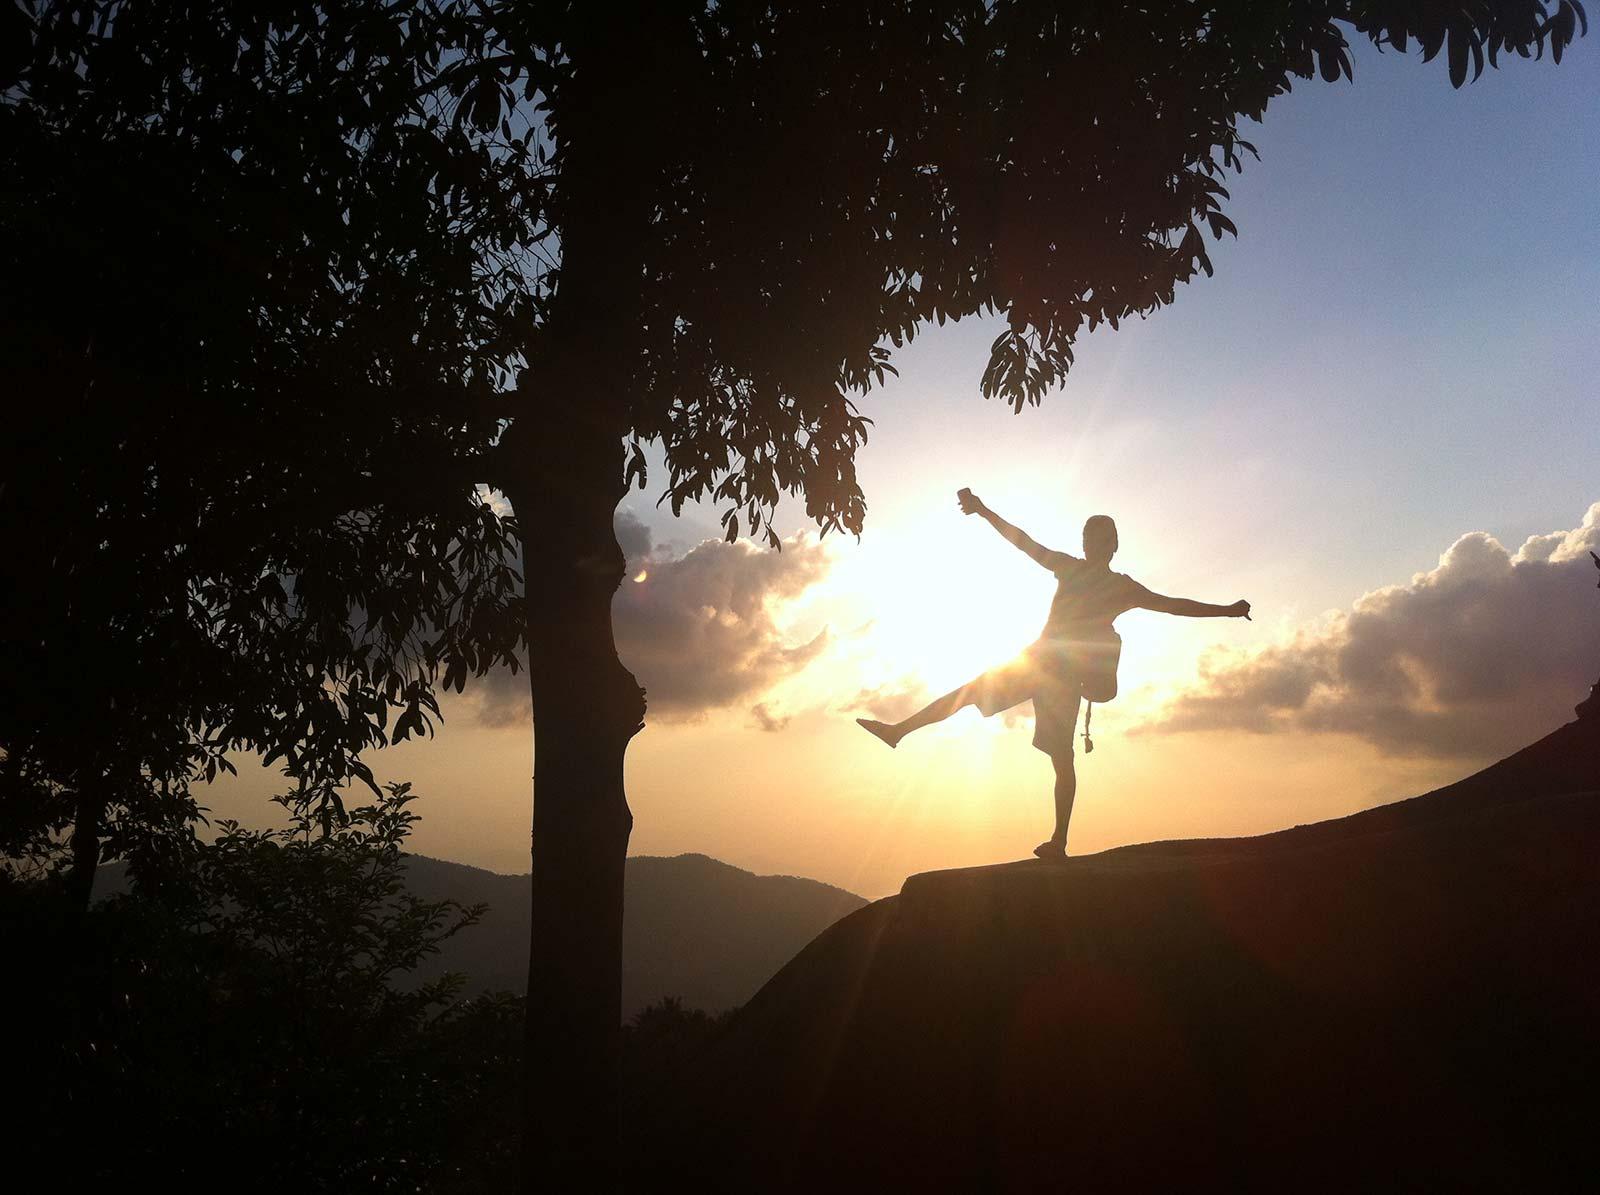 Praxistipps Koh Samui, Von Thailand nach Vietnam weiterreisen